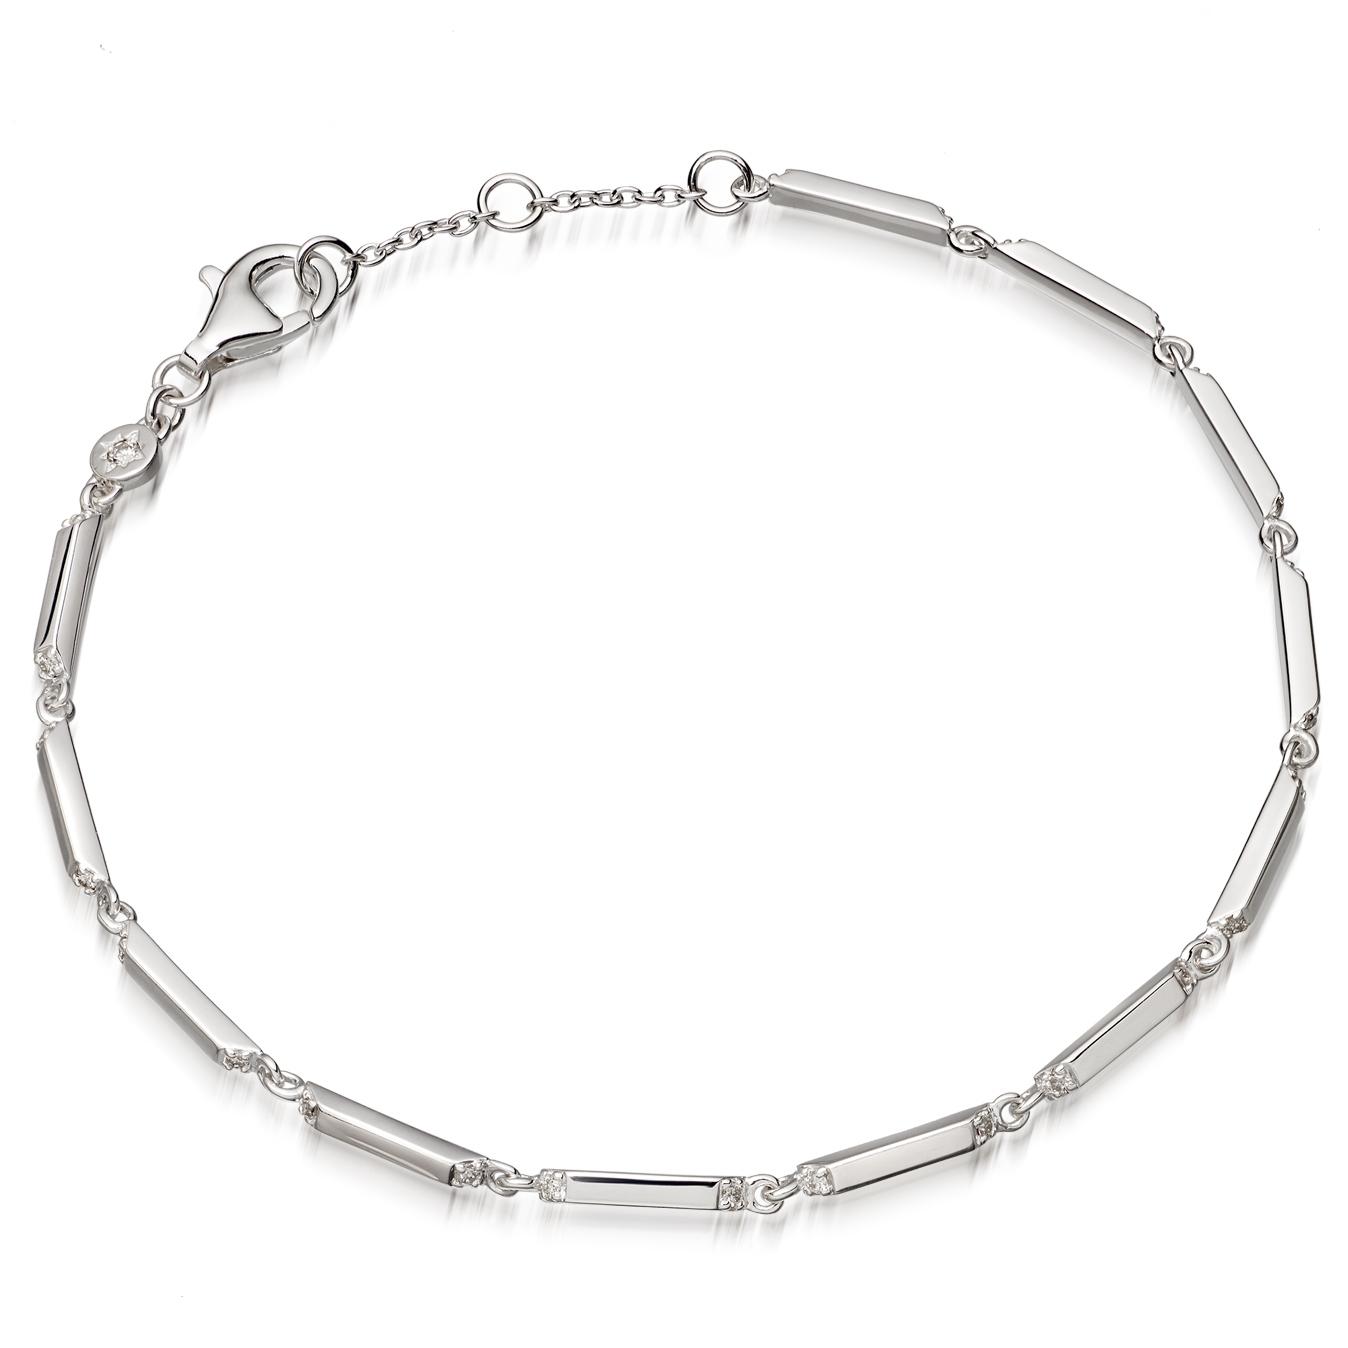 Aubar Diamond Bracelet